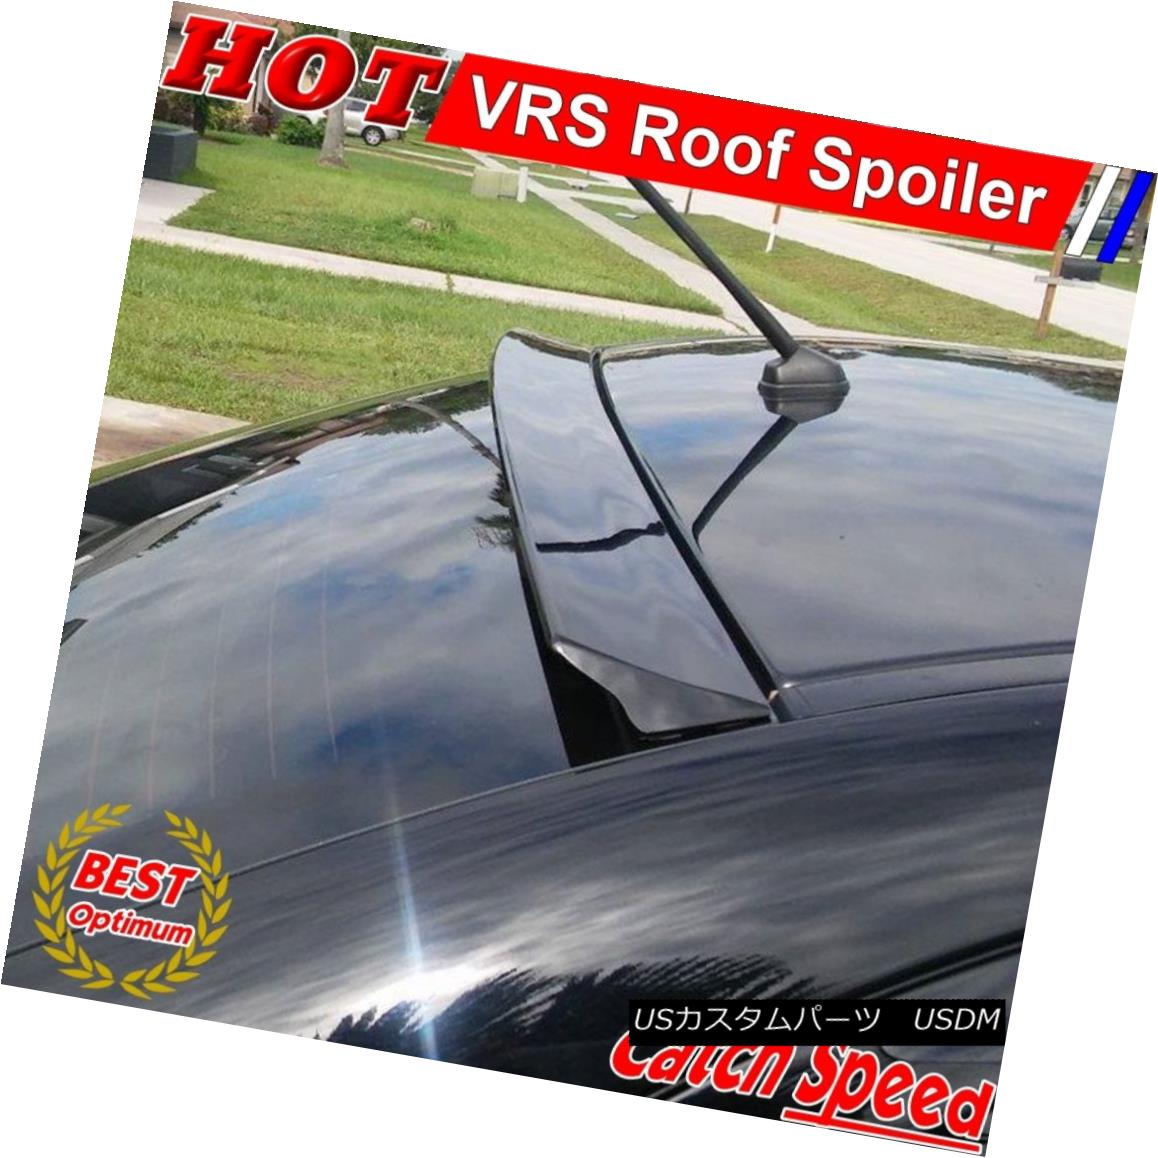 エアロパーツ Flat Black VRS Type Rear Roof Spoiler For NISSAN SENTRA B16 SE-R SEDAN 2007-12 NISSAN SENTRA B16 SE-R SEDAN 2007用フラットブラックVSタイプリアルーフスポイラー